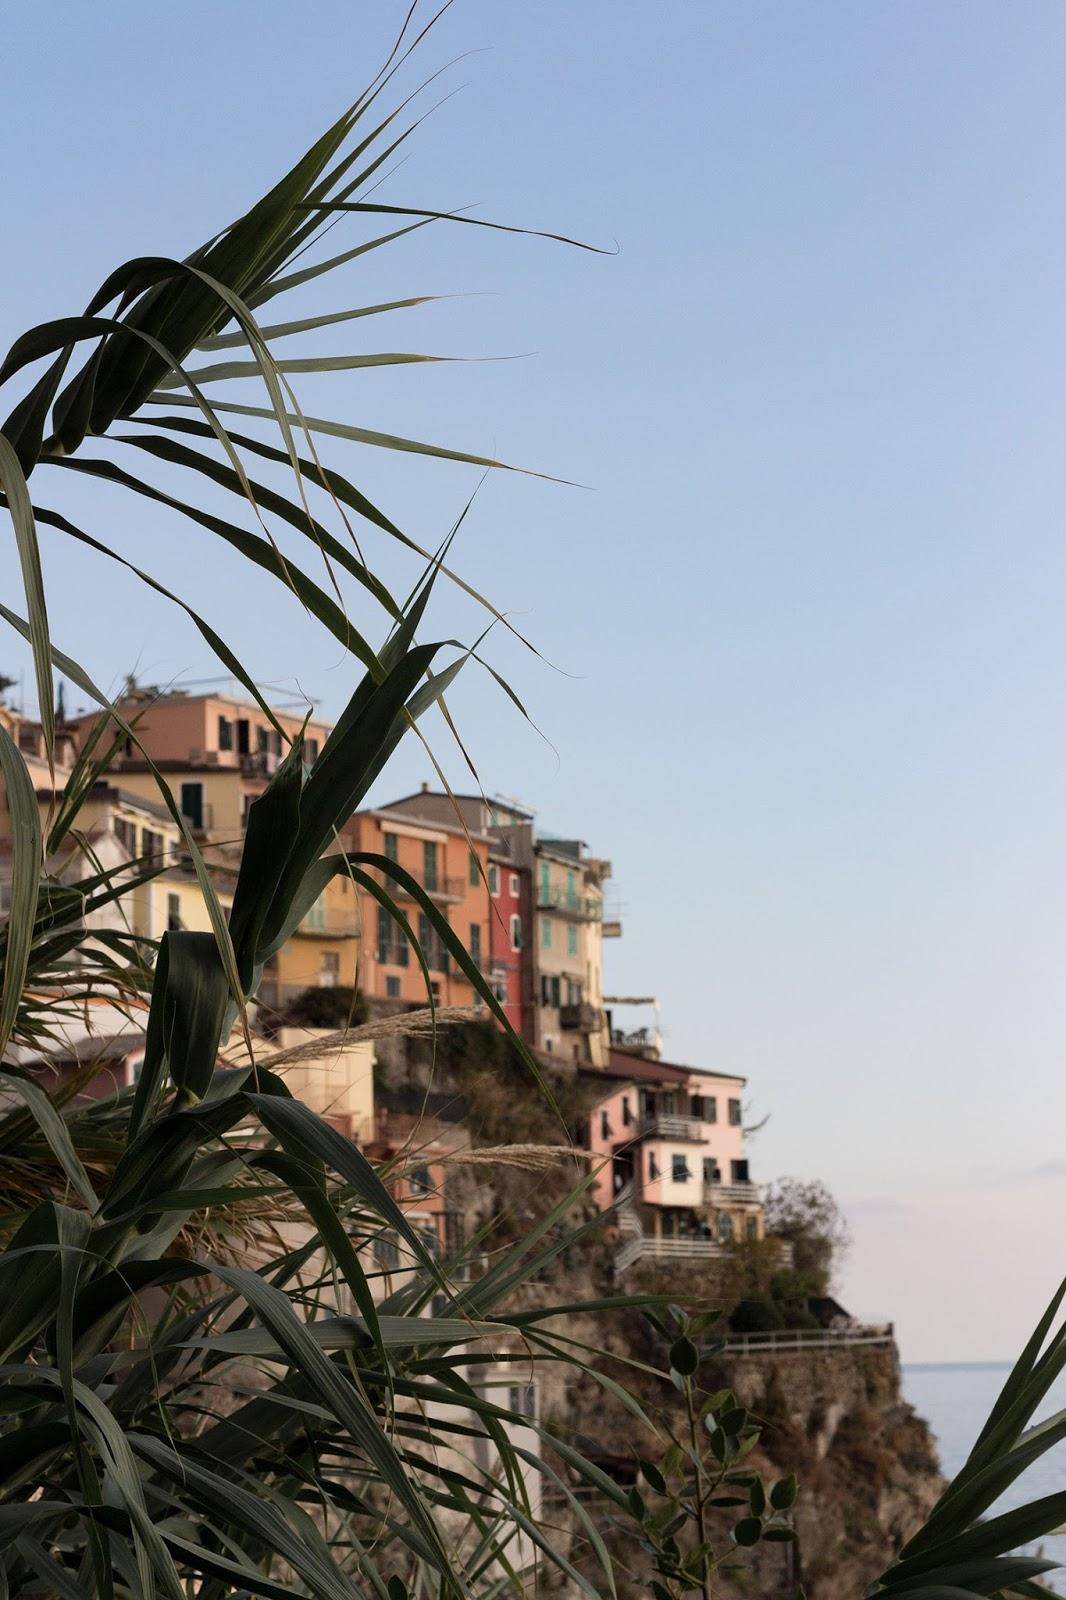 Monatlicher Rückblick: September Favoriten | Urlaub in Cinque Terre | www.sparklyinspiration.com